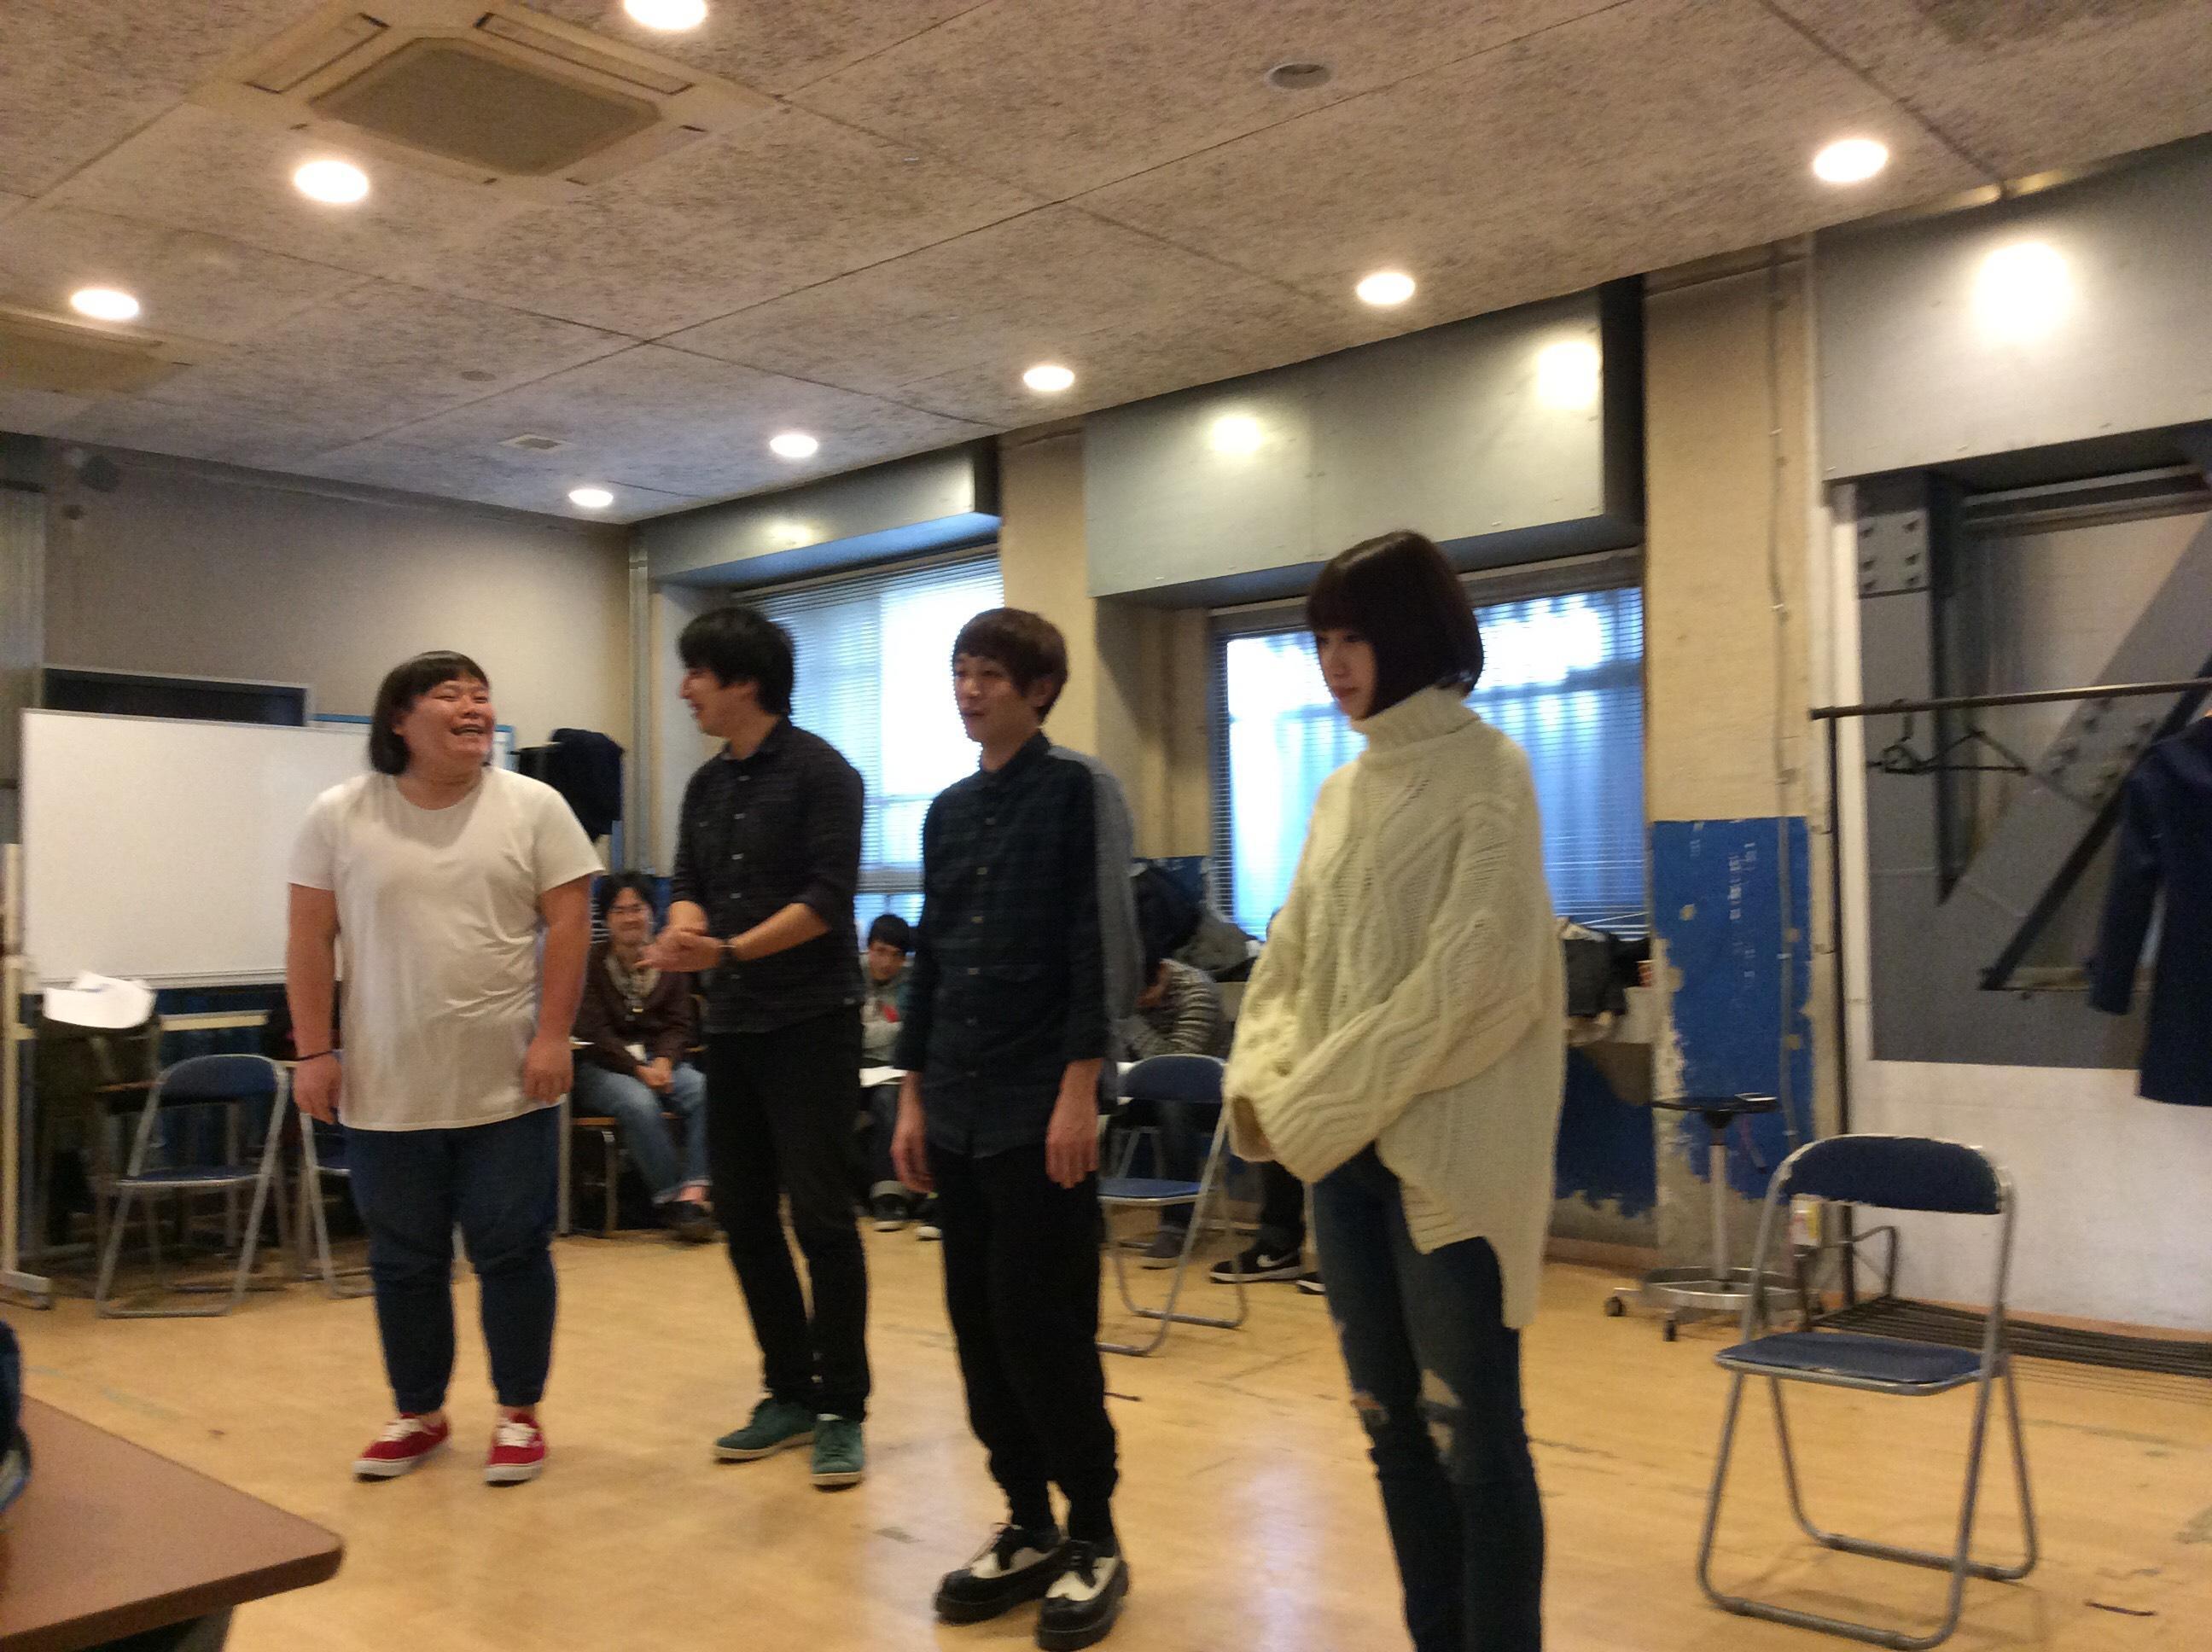 http://news.yoshimoto.co.jp/20161227122327-d7b88f46969320db97104cdbcd5639dbadddf036.jpg